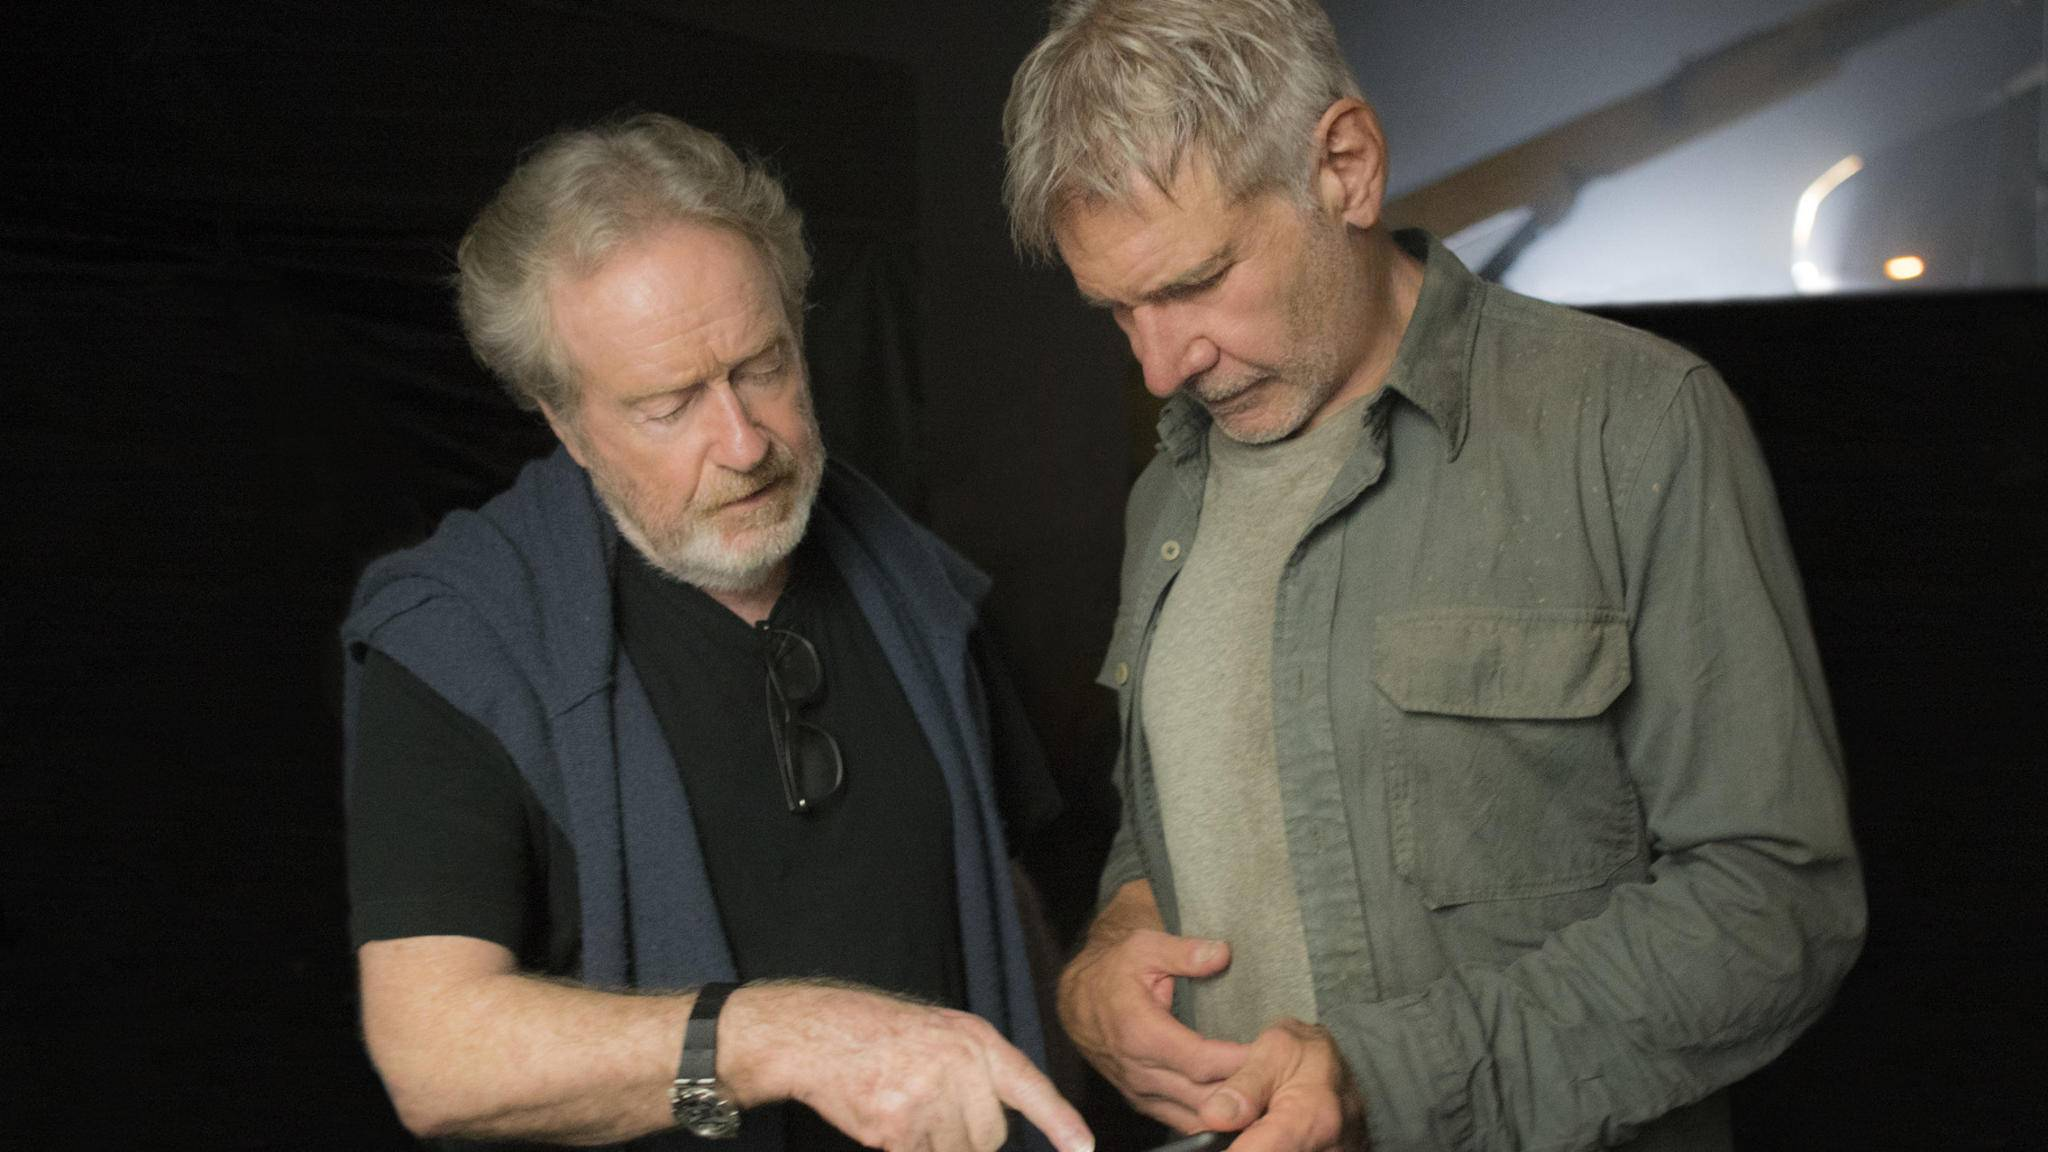 """Tut er es noch mal? Ridley Scott plant offenbar bereits ein weiteres """"Blade Runner""""-Sequel."""